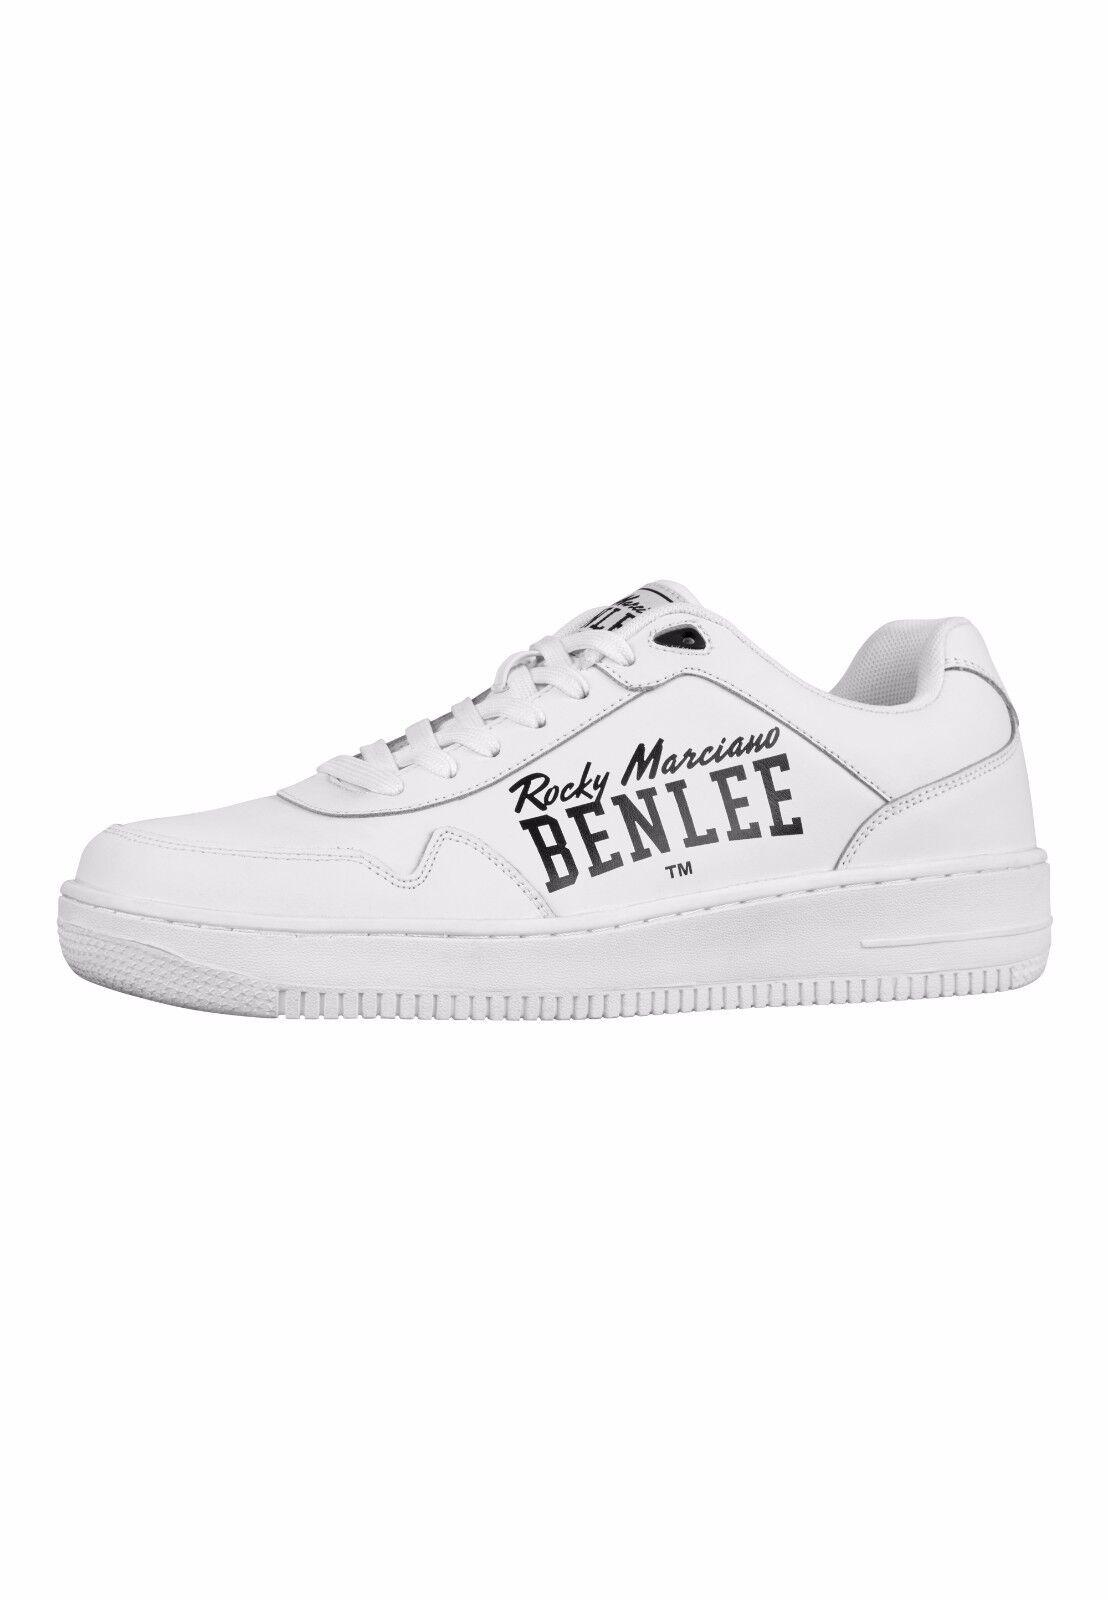 Benlee Benlee Benlee Linwood sneakers – Blanco Zapatos  Weiß 0ff4bb